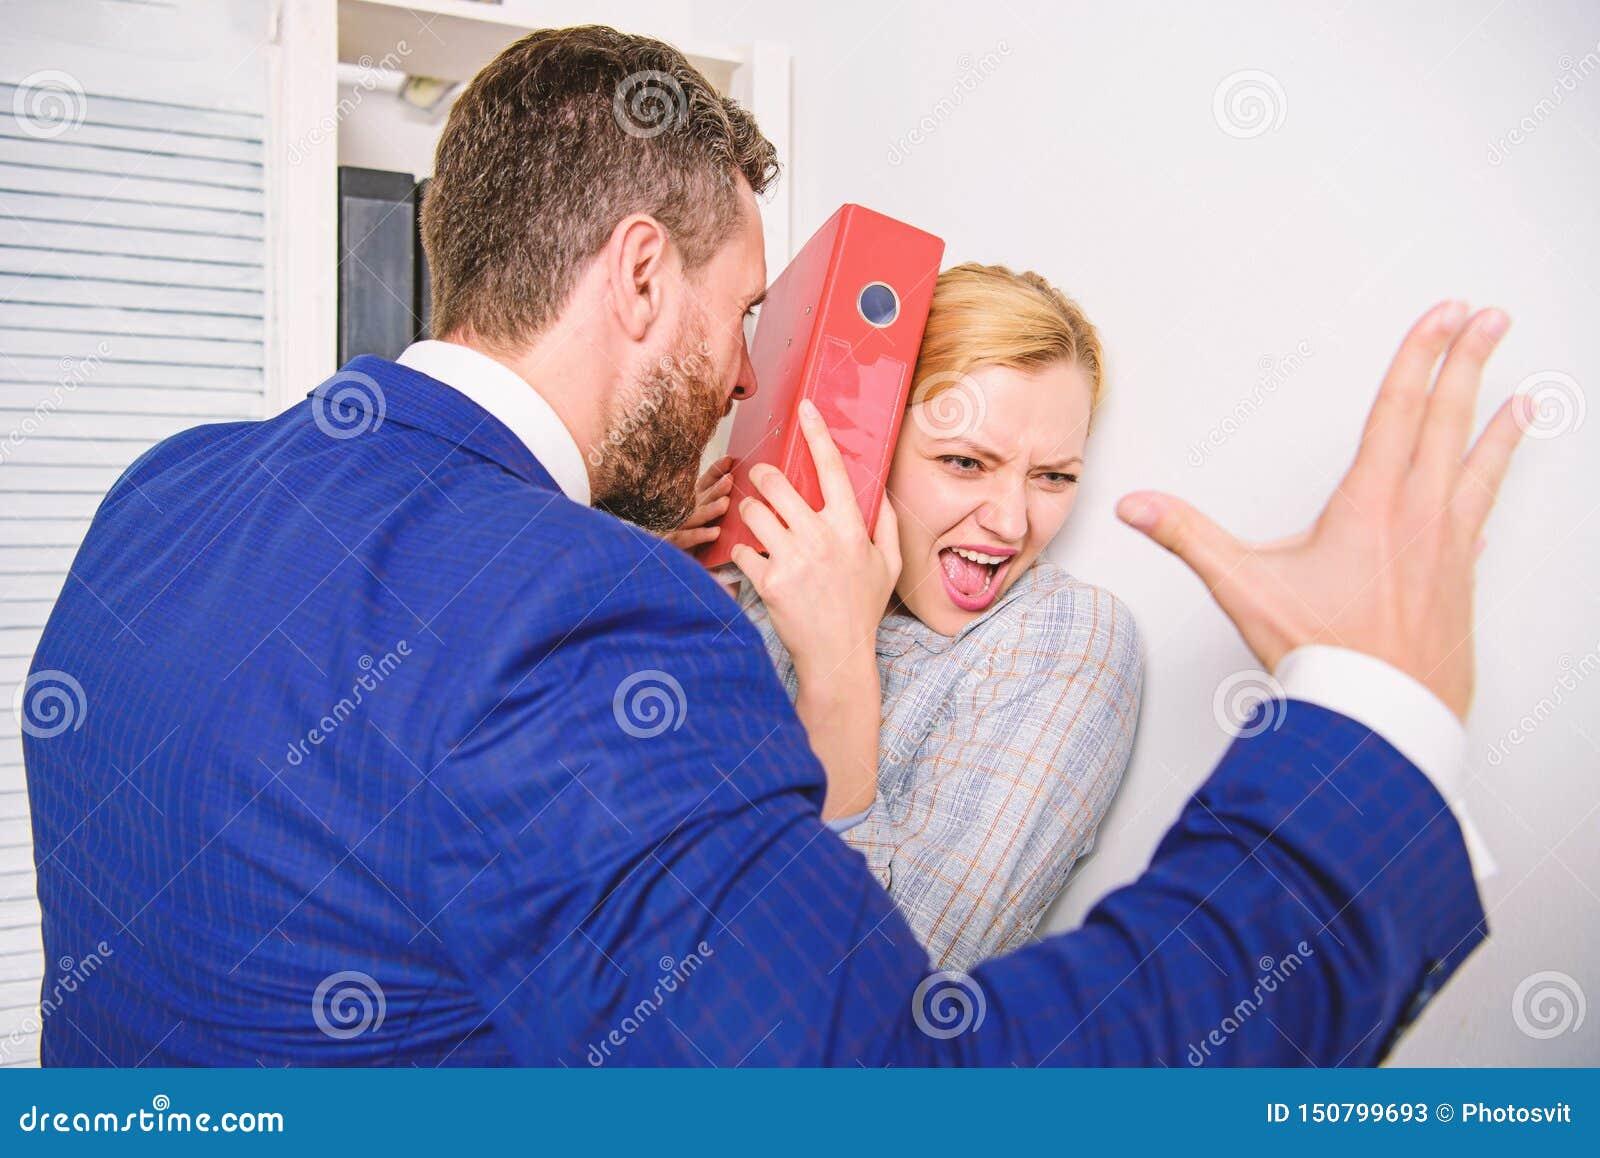 Molestia sessuale in posto di lavoro Me movimento troppo sociale Pazzo al collega